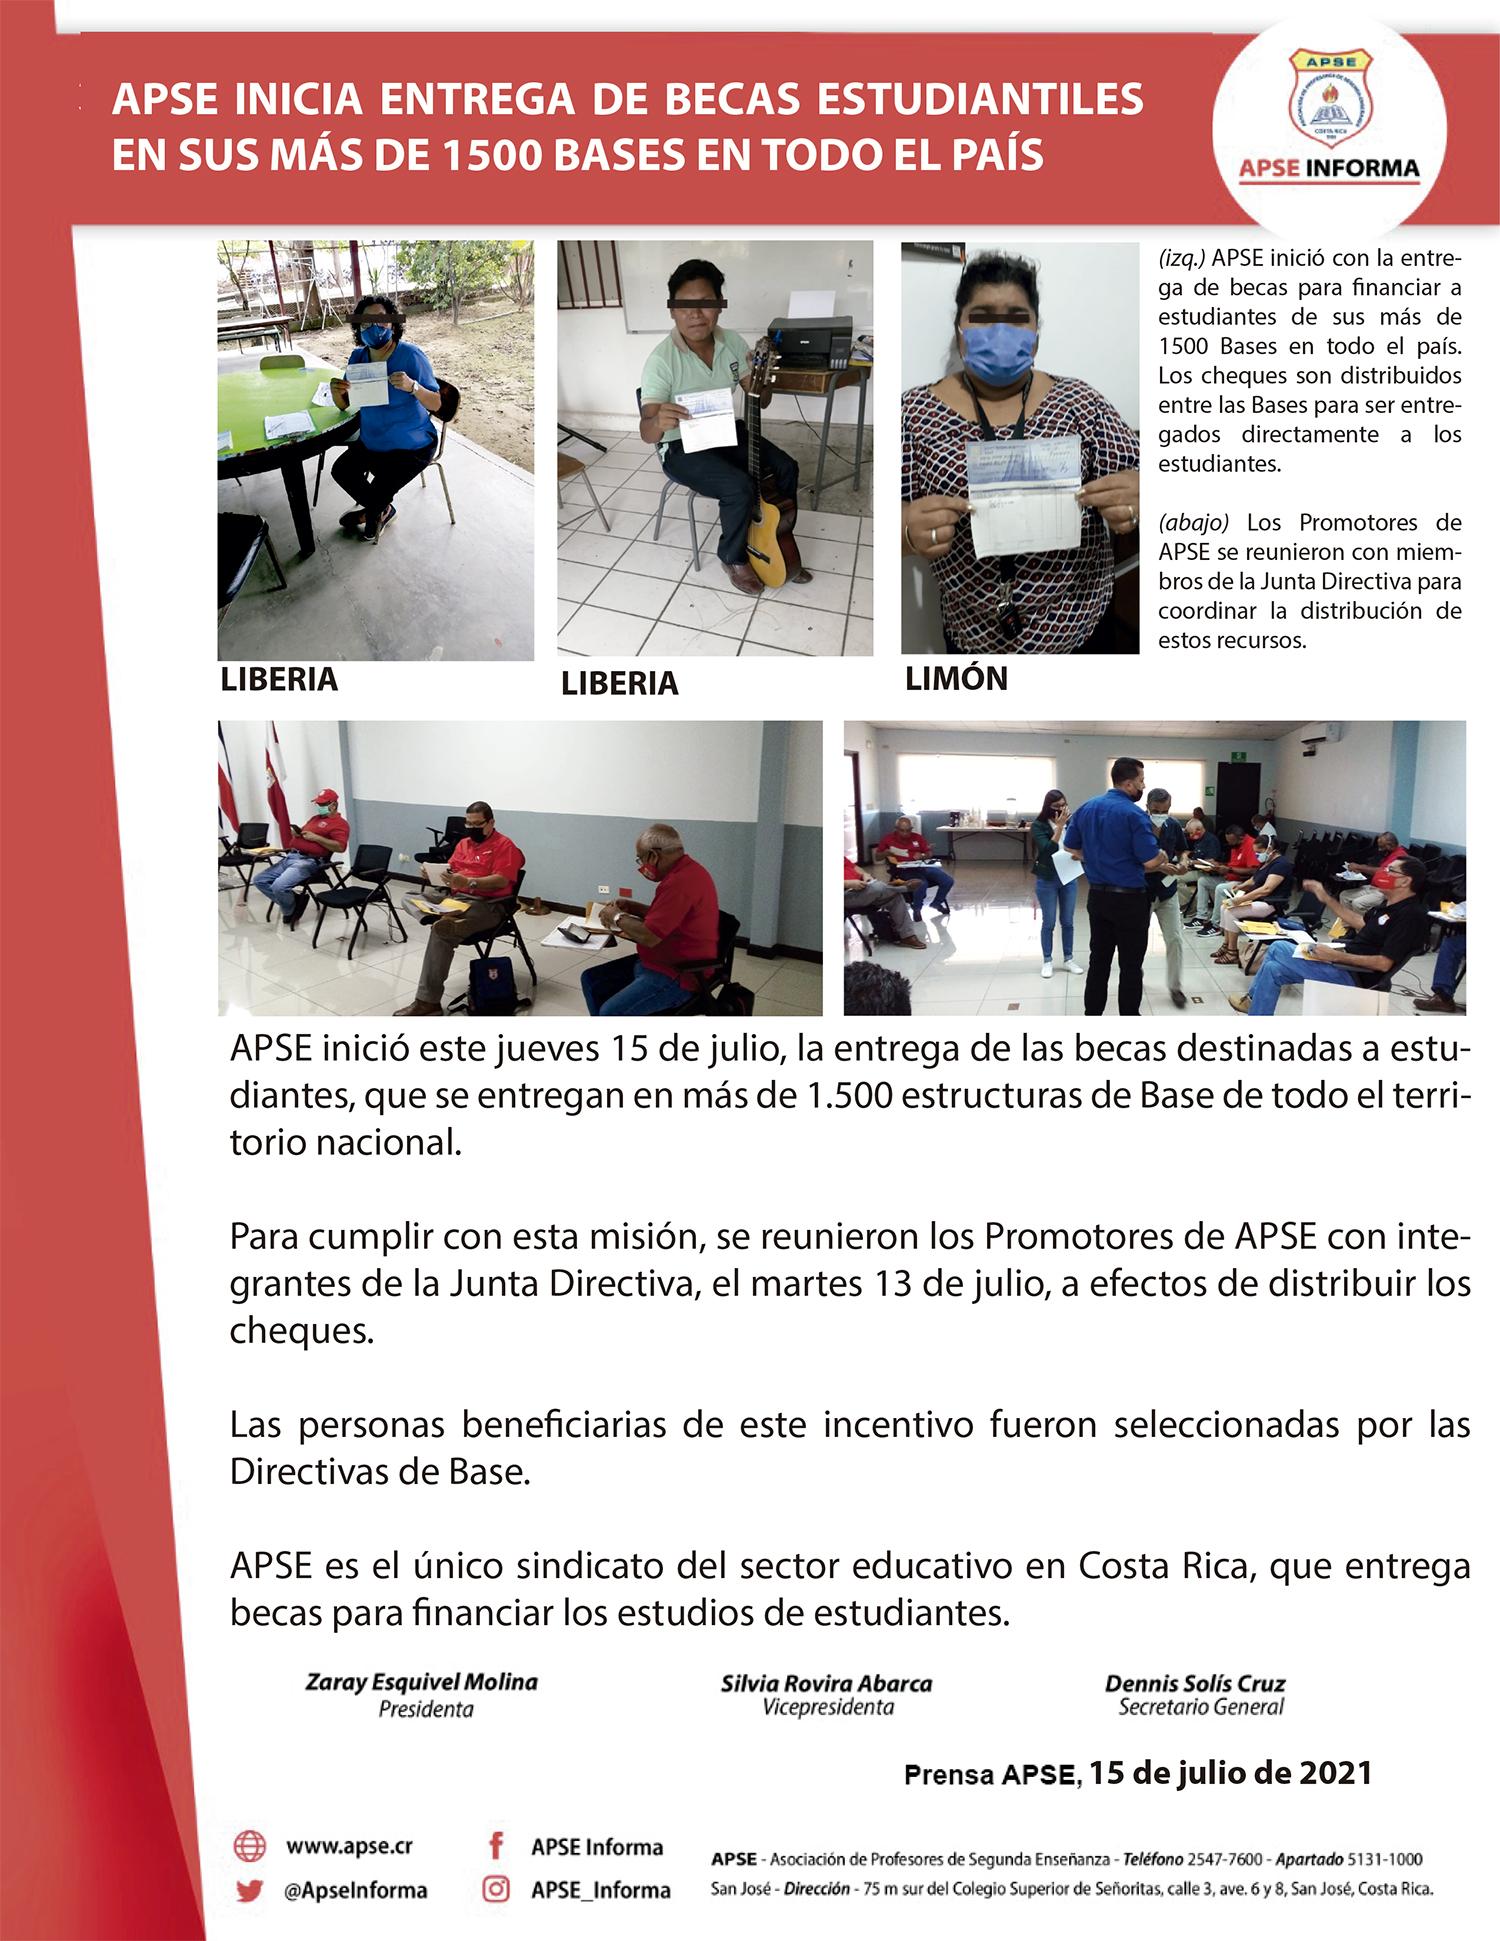 APSE INICIA ENTREGA DE BECAS ESTUDIANTILES EN SUS MÁS DE 1500 BASES EN TODO EL PAÍS